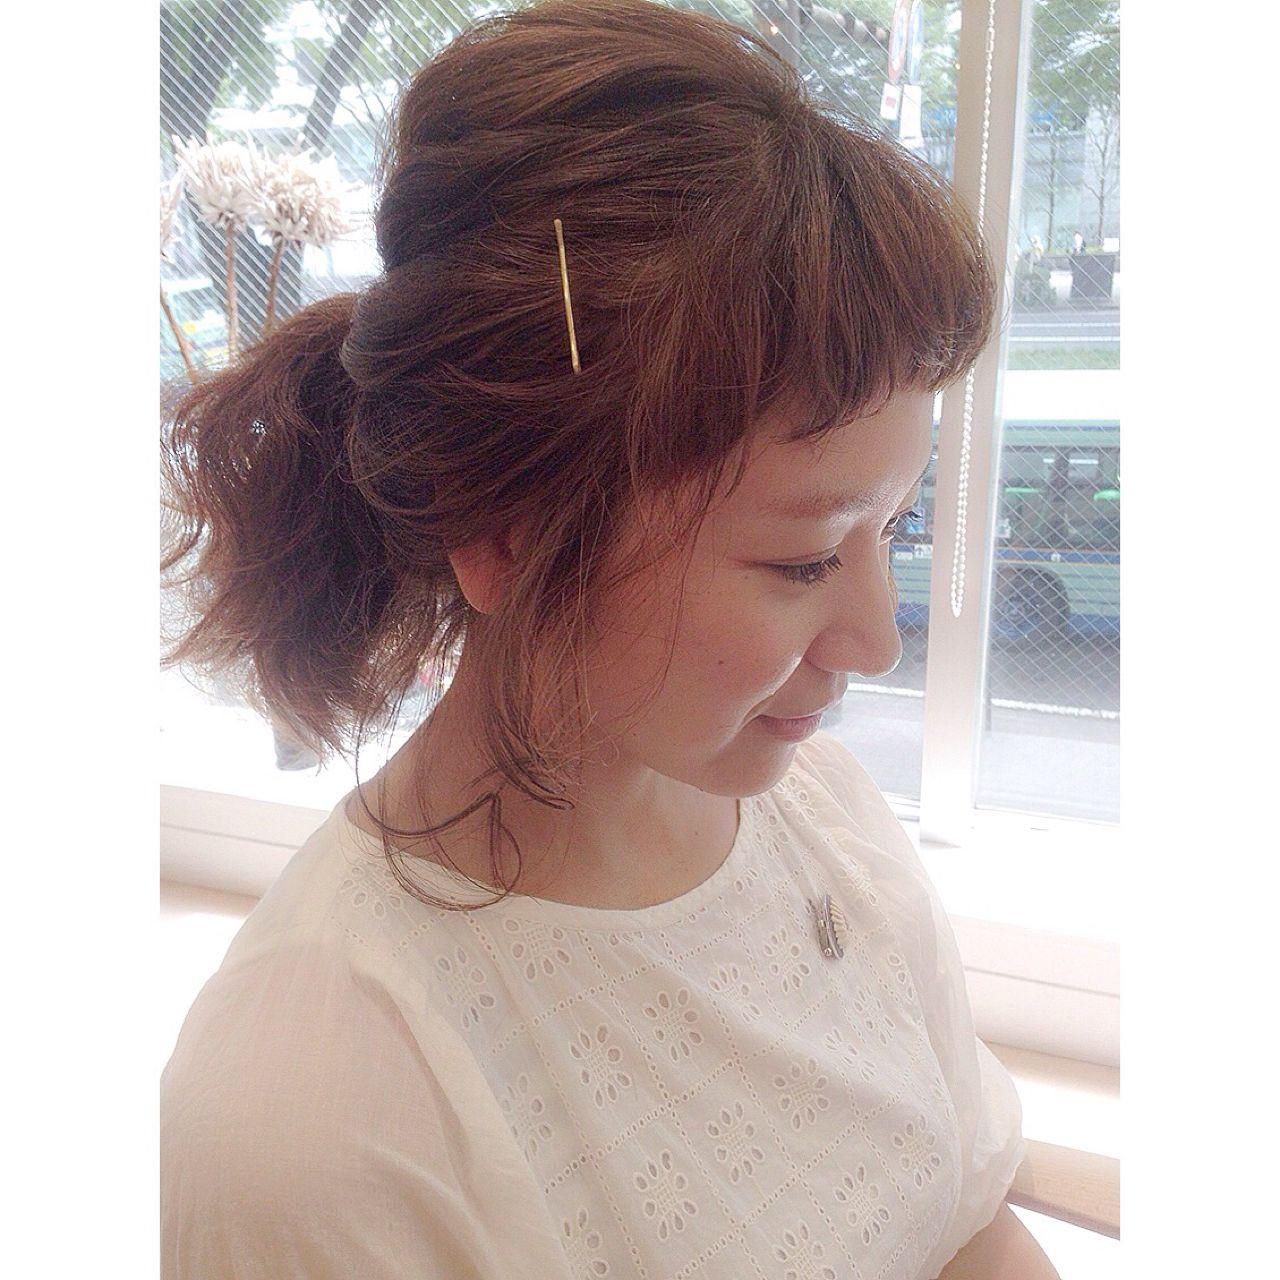 ポニーテール ルーズ ヘアアレンジ ゆるふわ ヘアスタイルや髪型の写真・画像 | GARDENhair マツオカコウイチロウ / GARDENhair